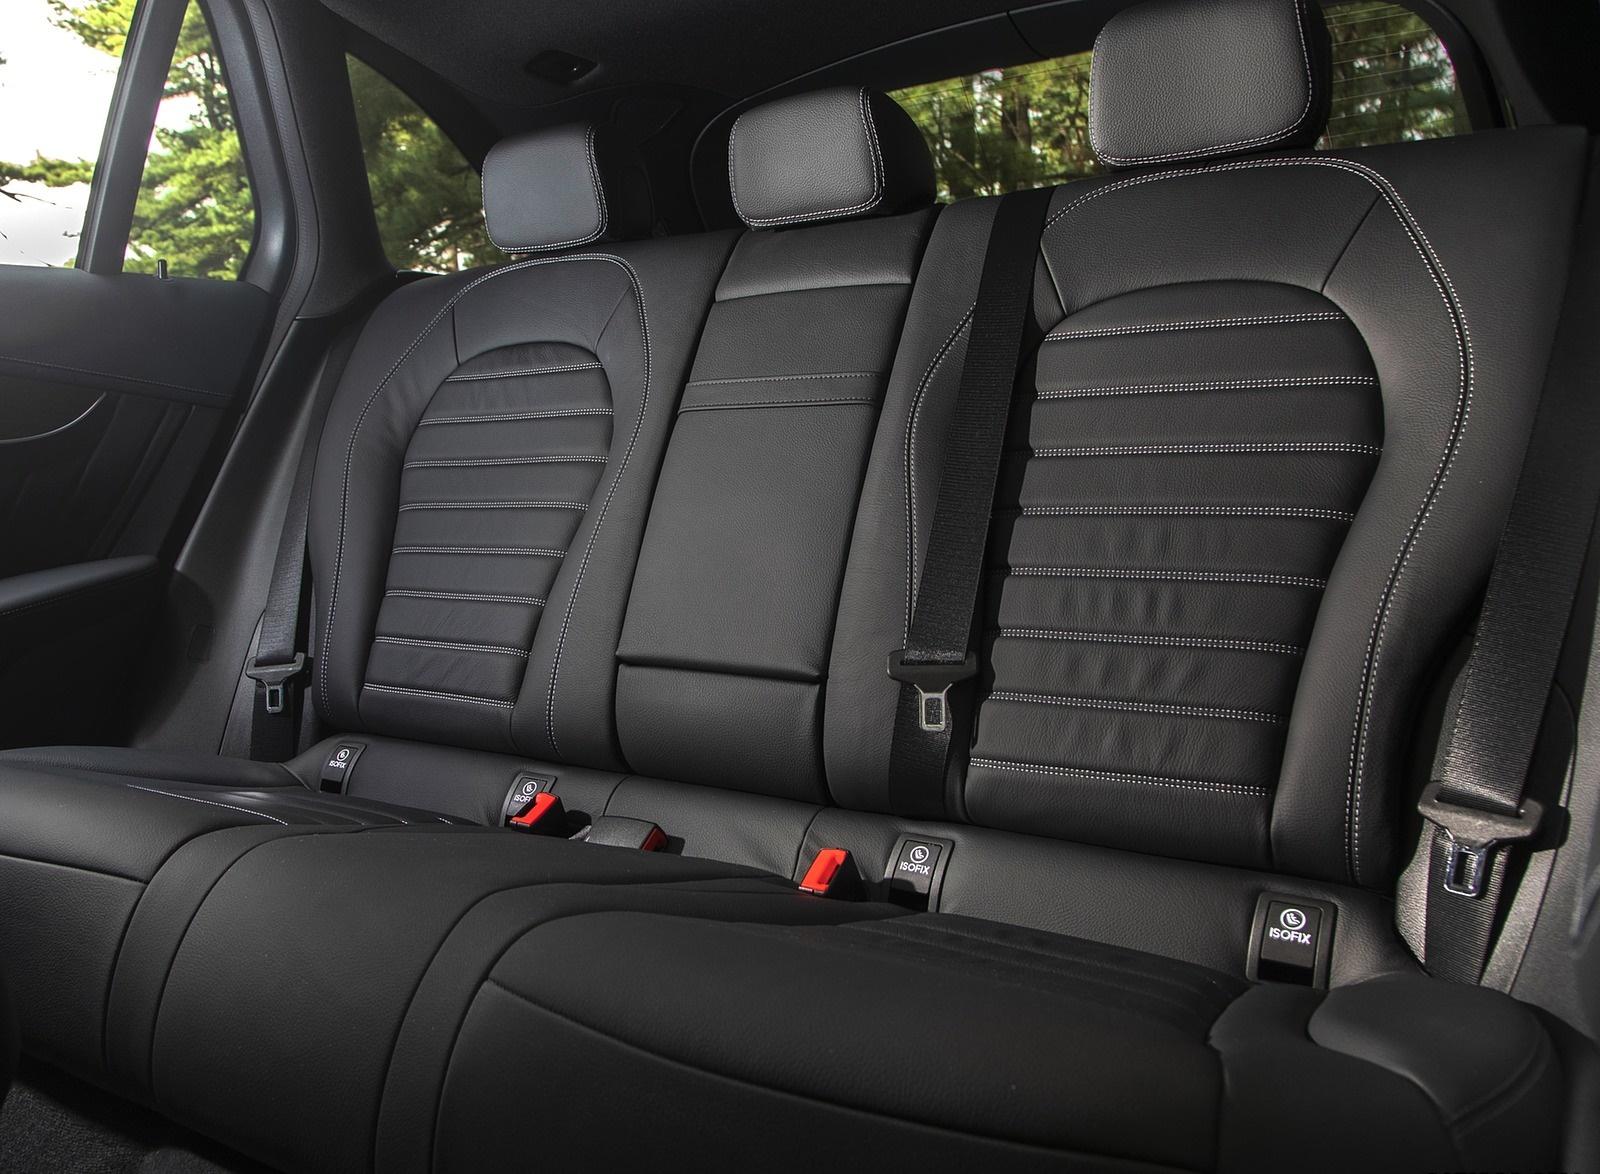 2020 Mercedes-Benz GLC 300 (US-Spec) Interior Rear Seats Wallpapers #23 of 62